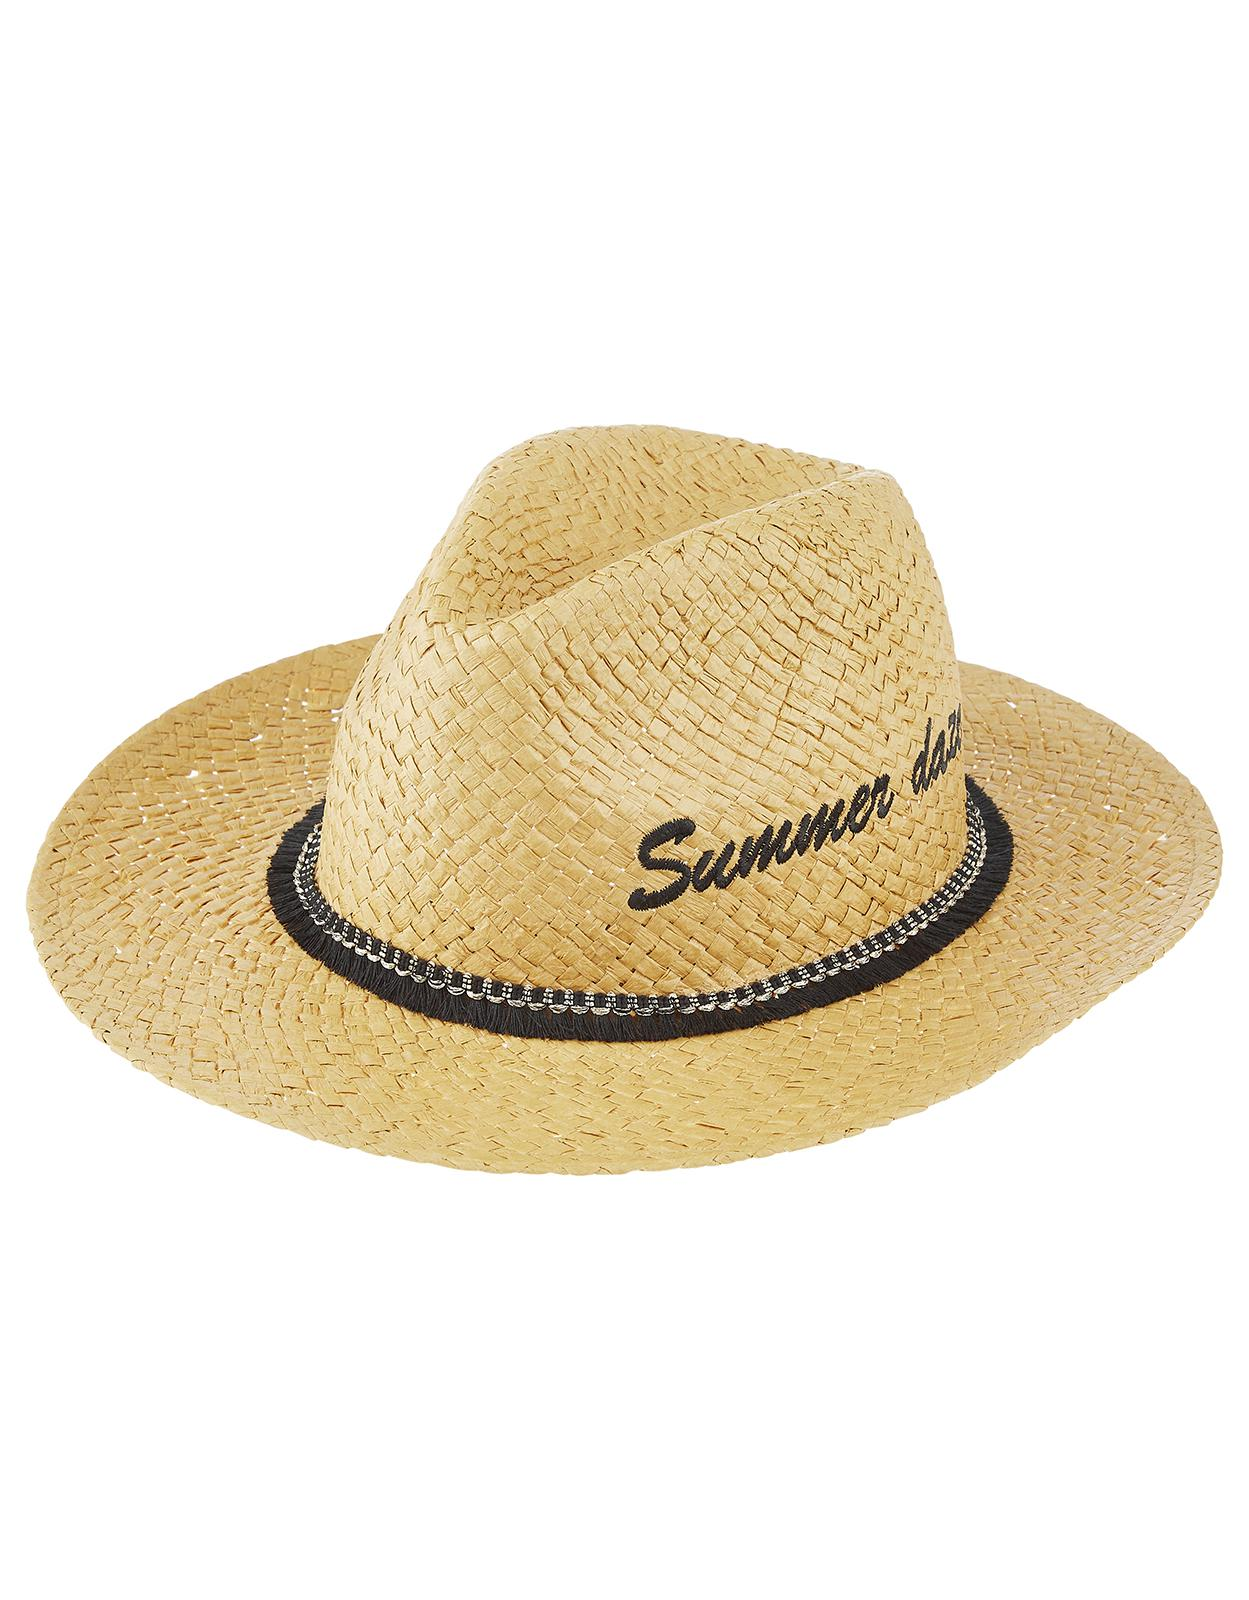 12a87326da8 Accessorize Summer Daze Fedora Hat in Natural for Men - Lyst